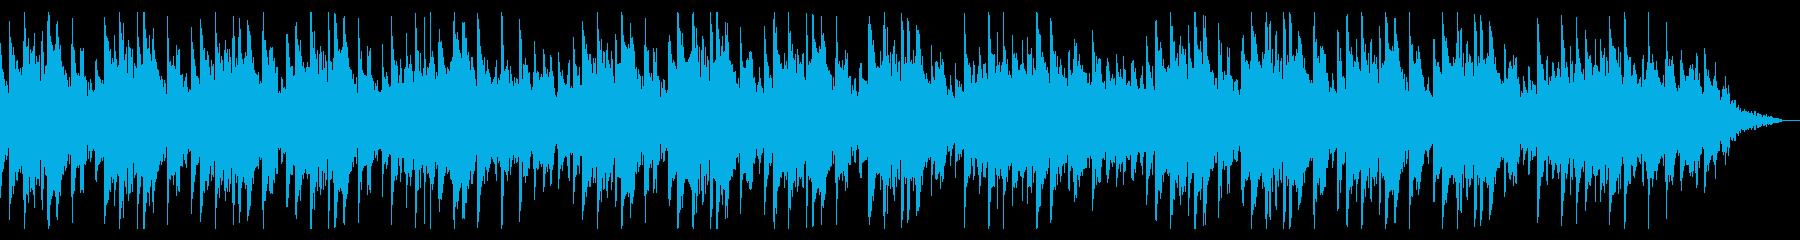 夜にしっとりとしたバラード アコギの再生済みの波形